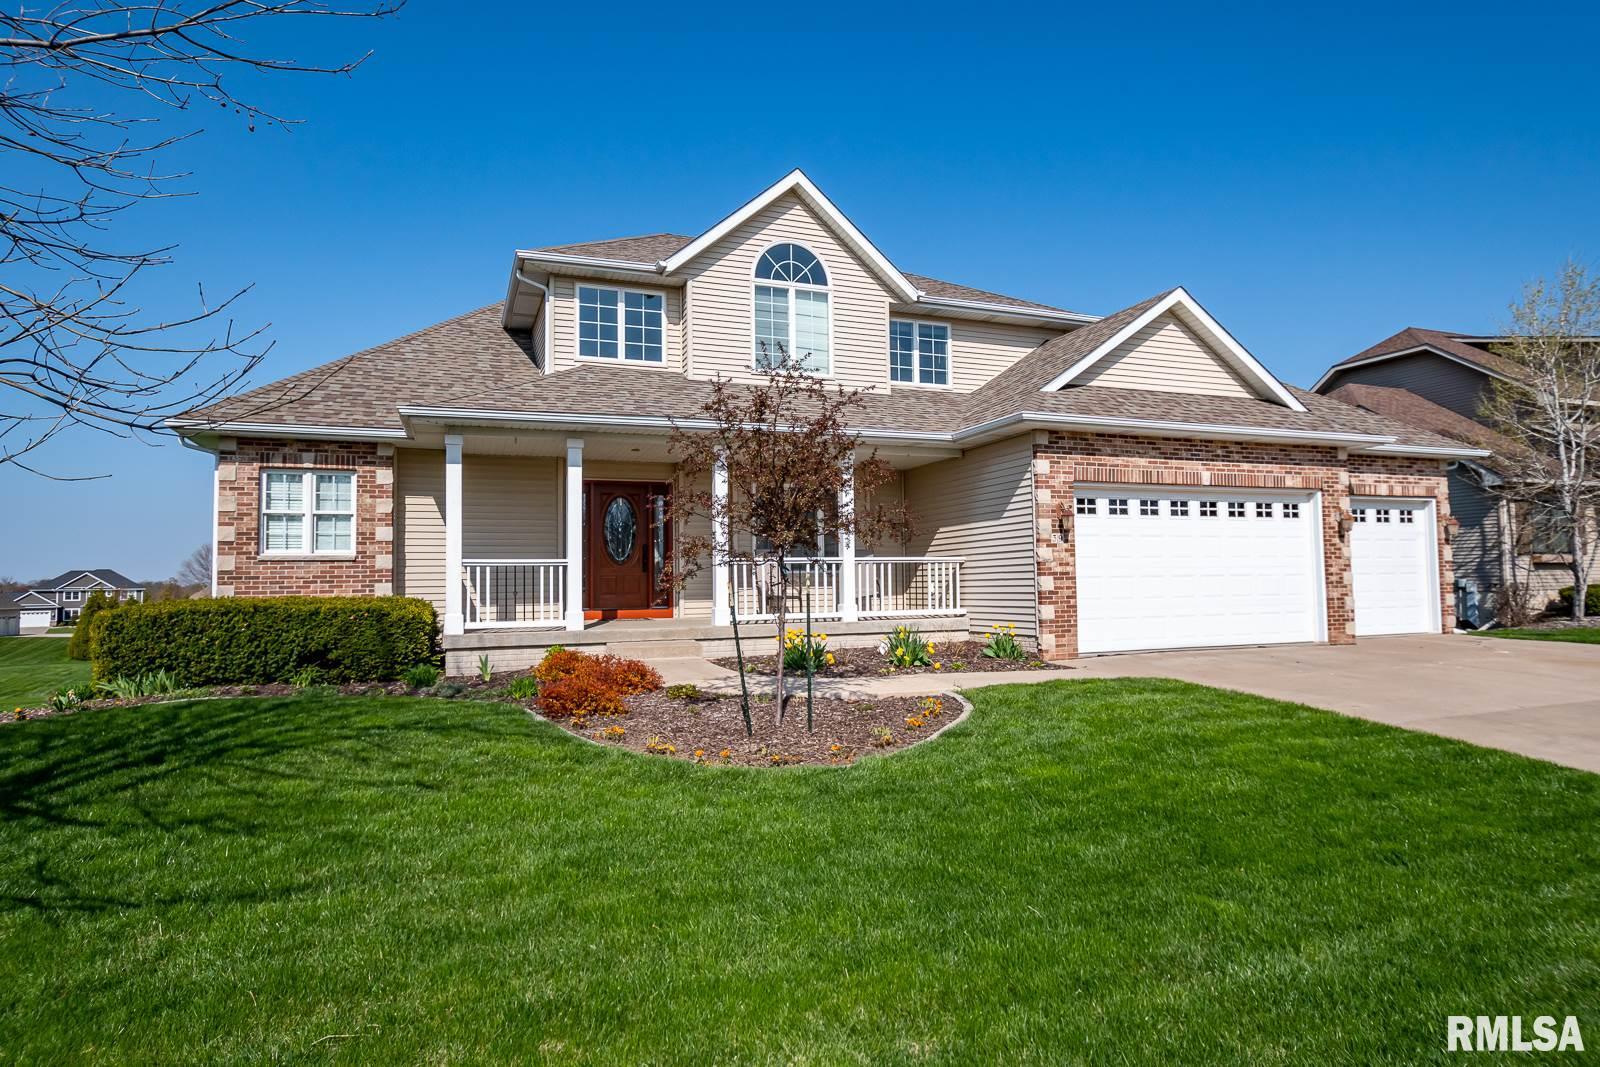 39 COBBLESTONE Property Photo - Le Claire, IA real estate listing